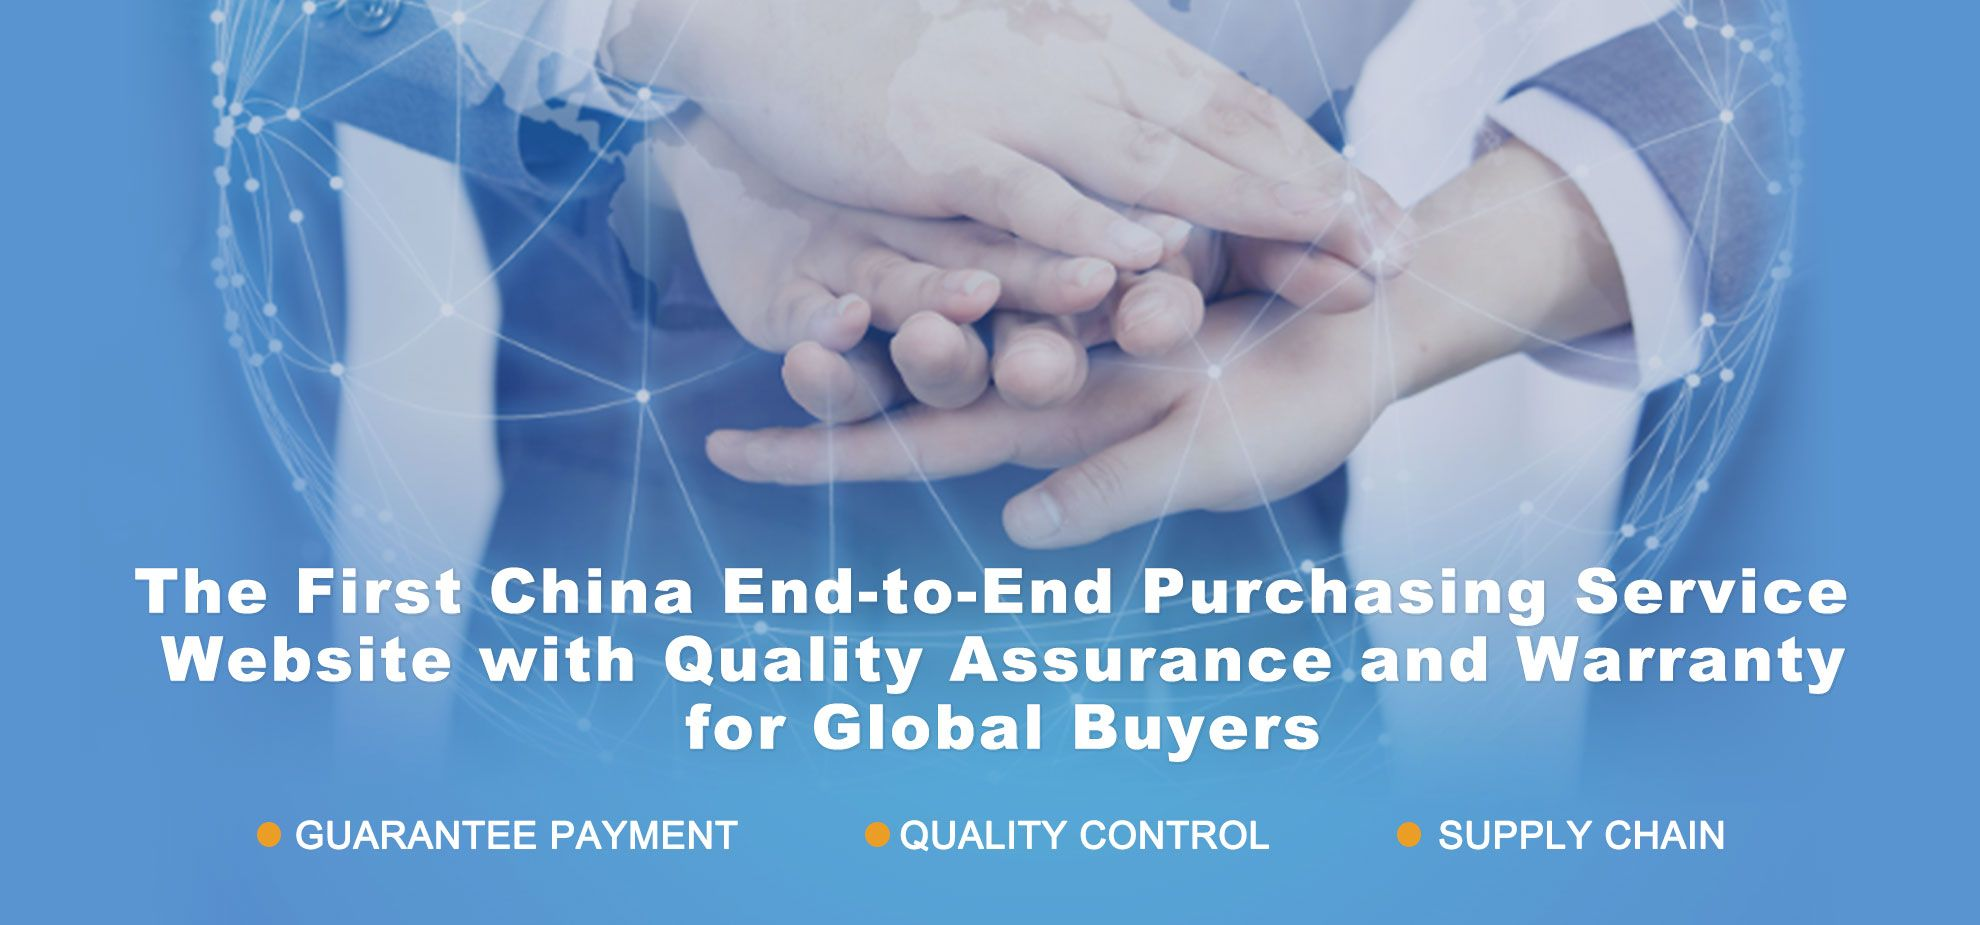 El servicio de compra segura de ECVV ayuda a los propietarios de negocios a completar el abastecimiento en el extranjero